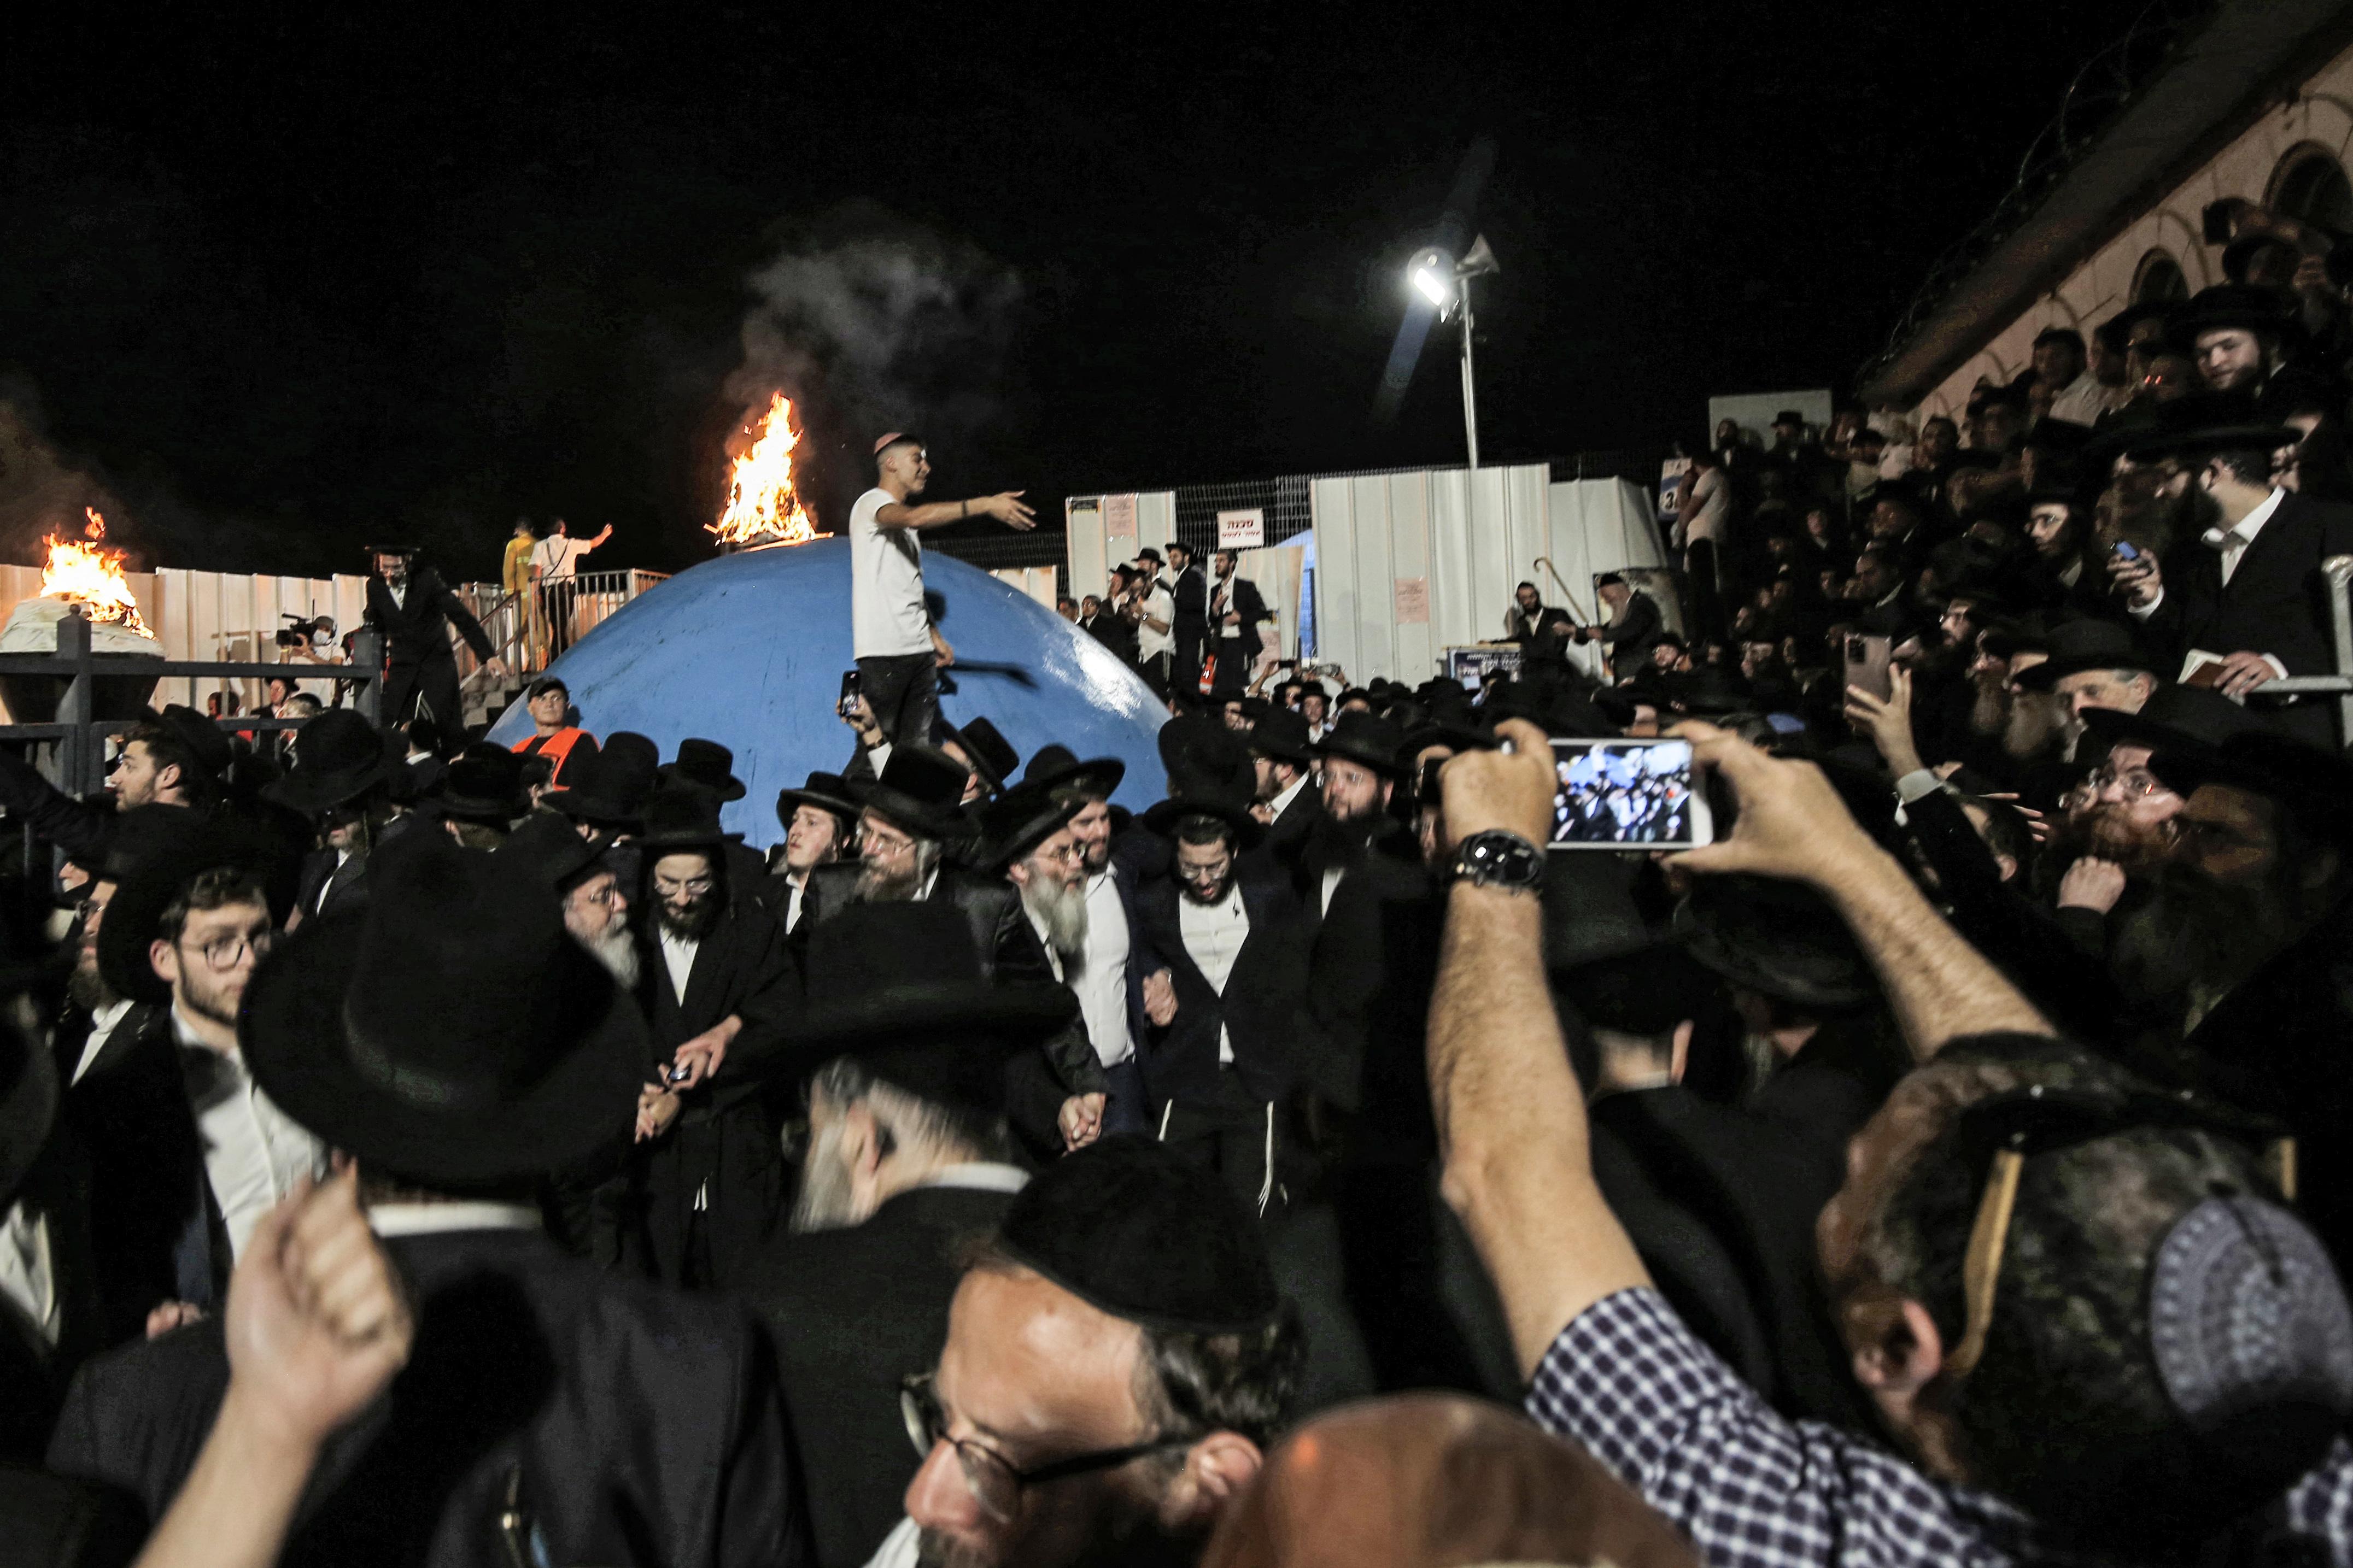 Legalább 44 embert taposott halálra az óriási tömeg egy vallási fesztiválon Izraelben